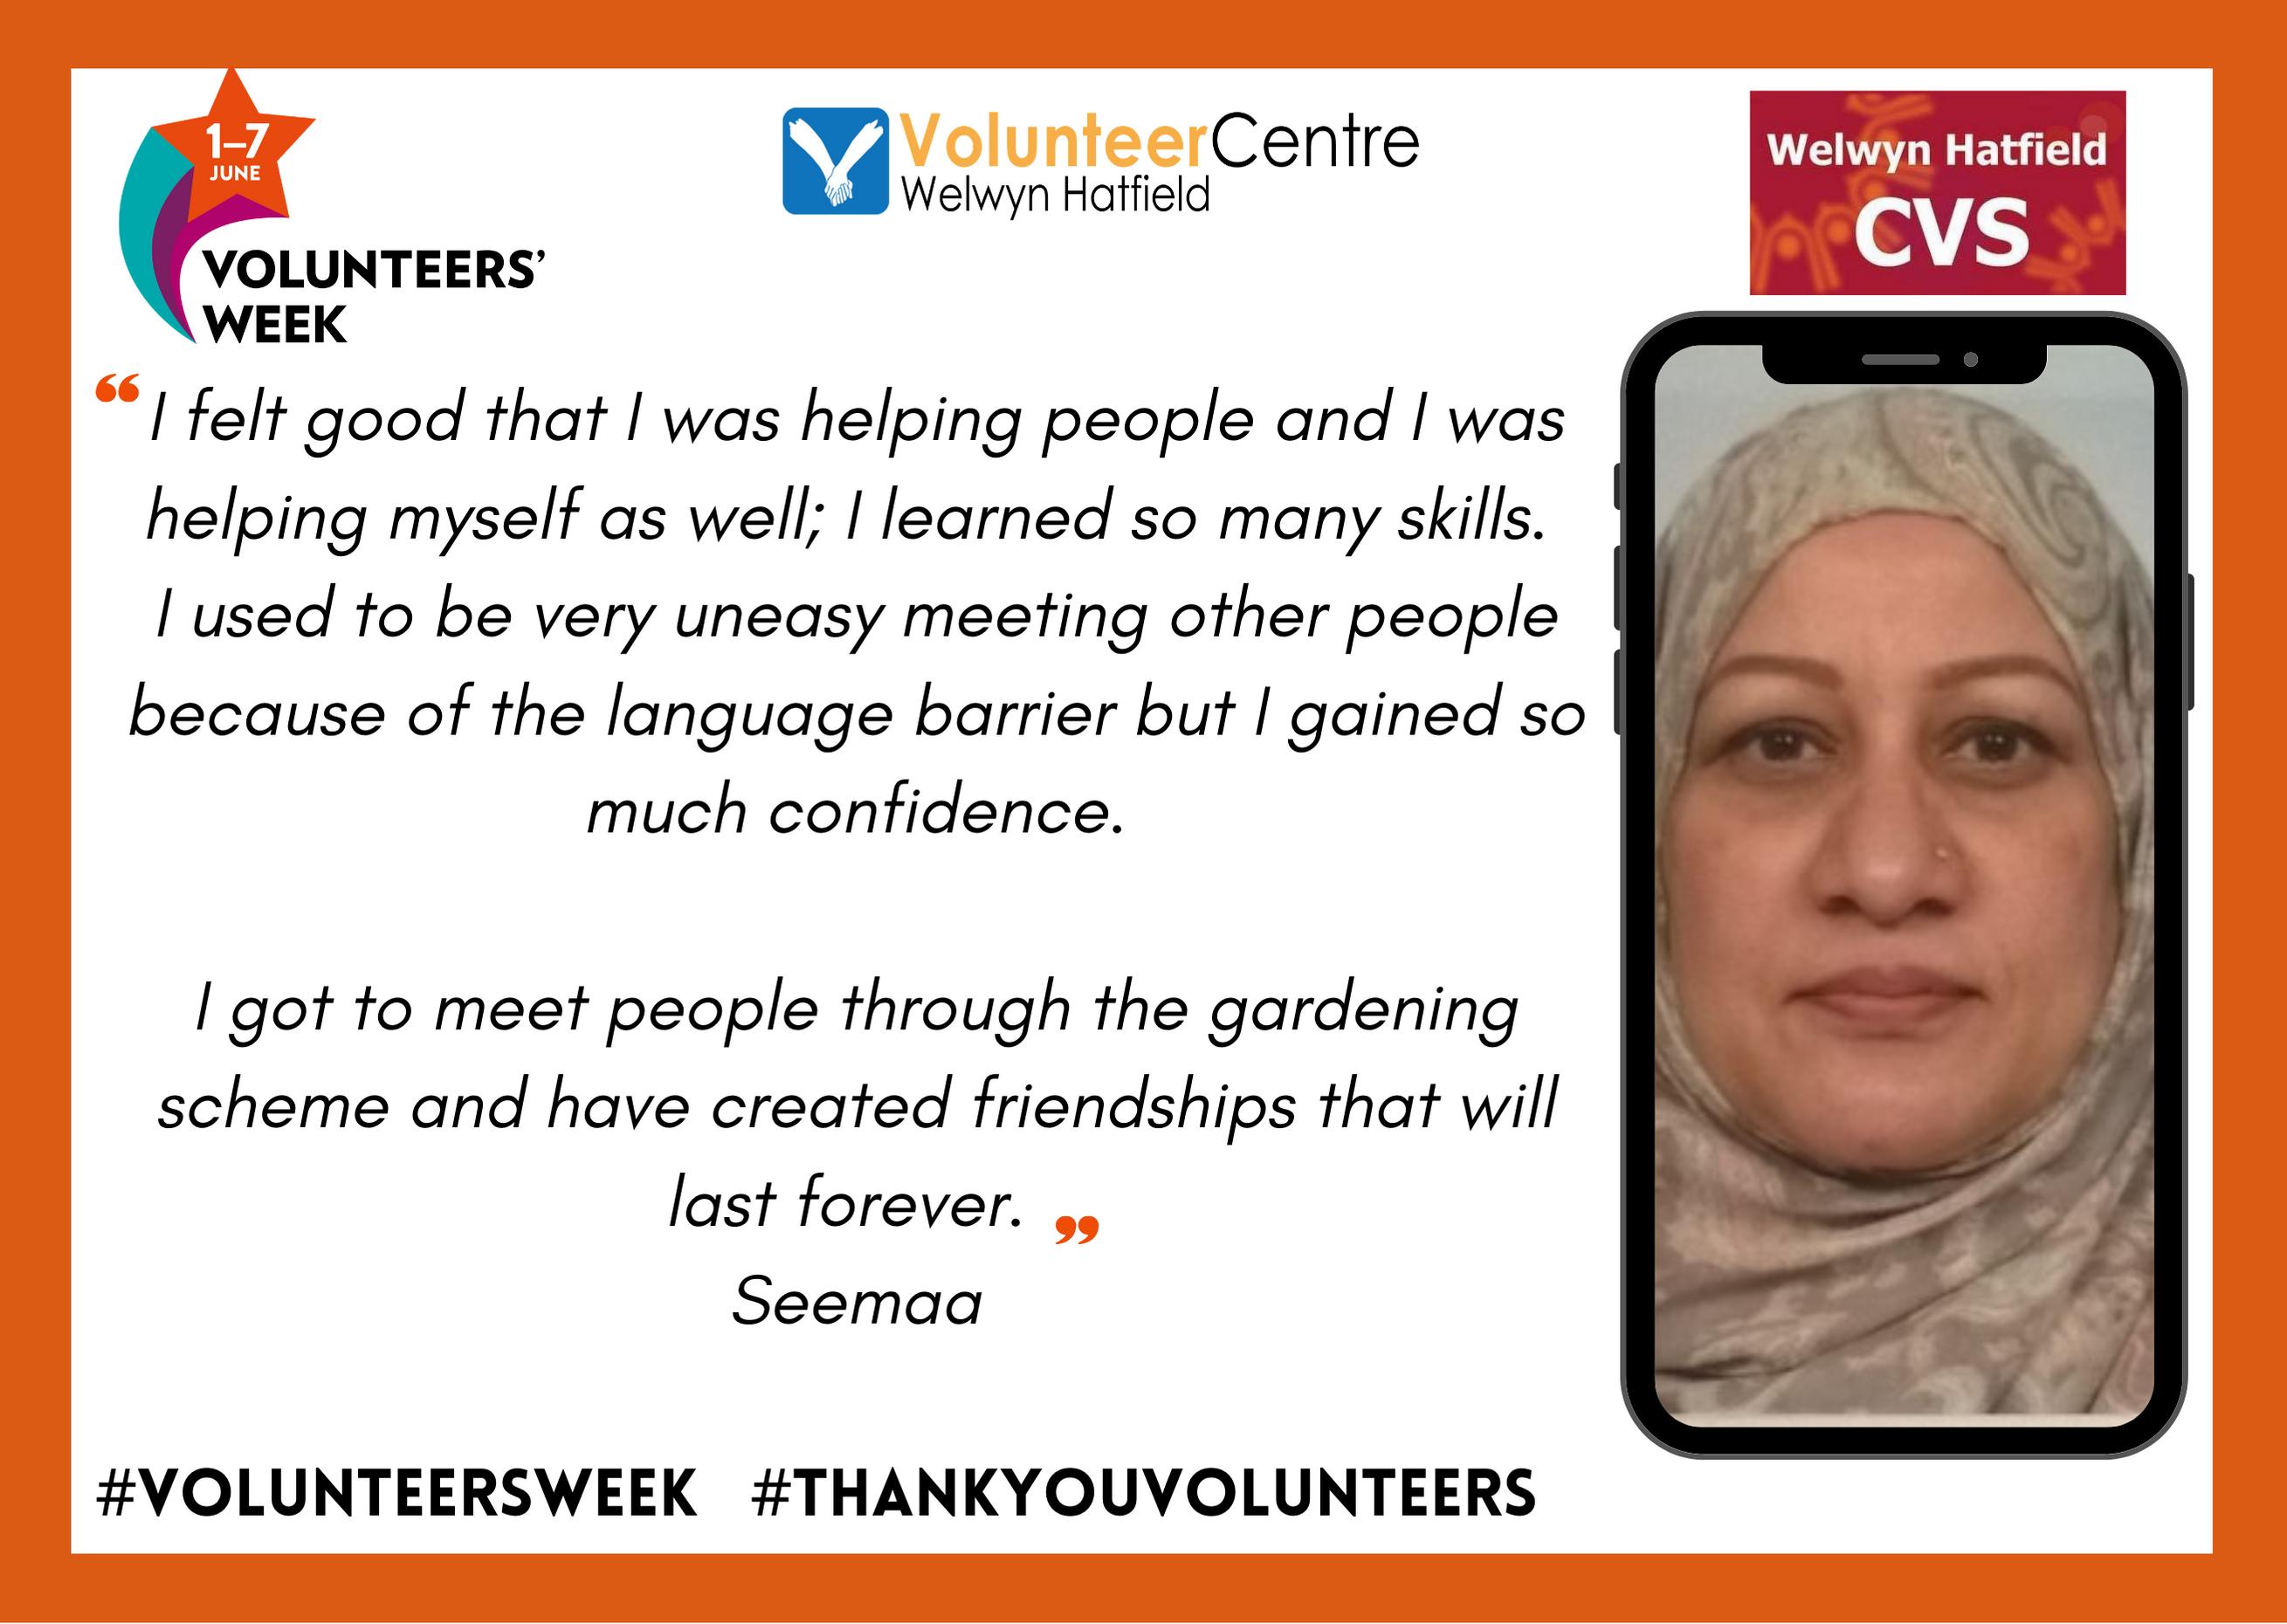 Seemaa – WHCVS Blooming Marvellous Gardening Scheme Volunteer